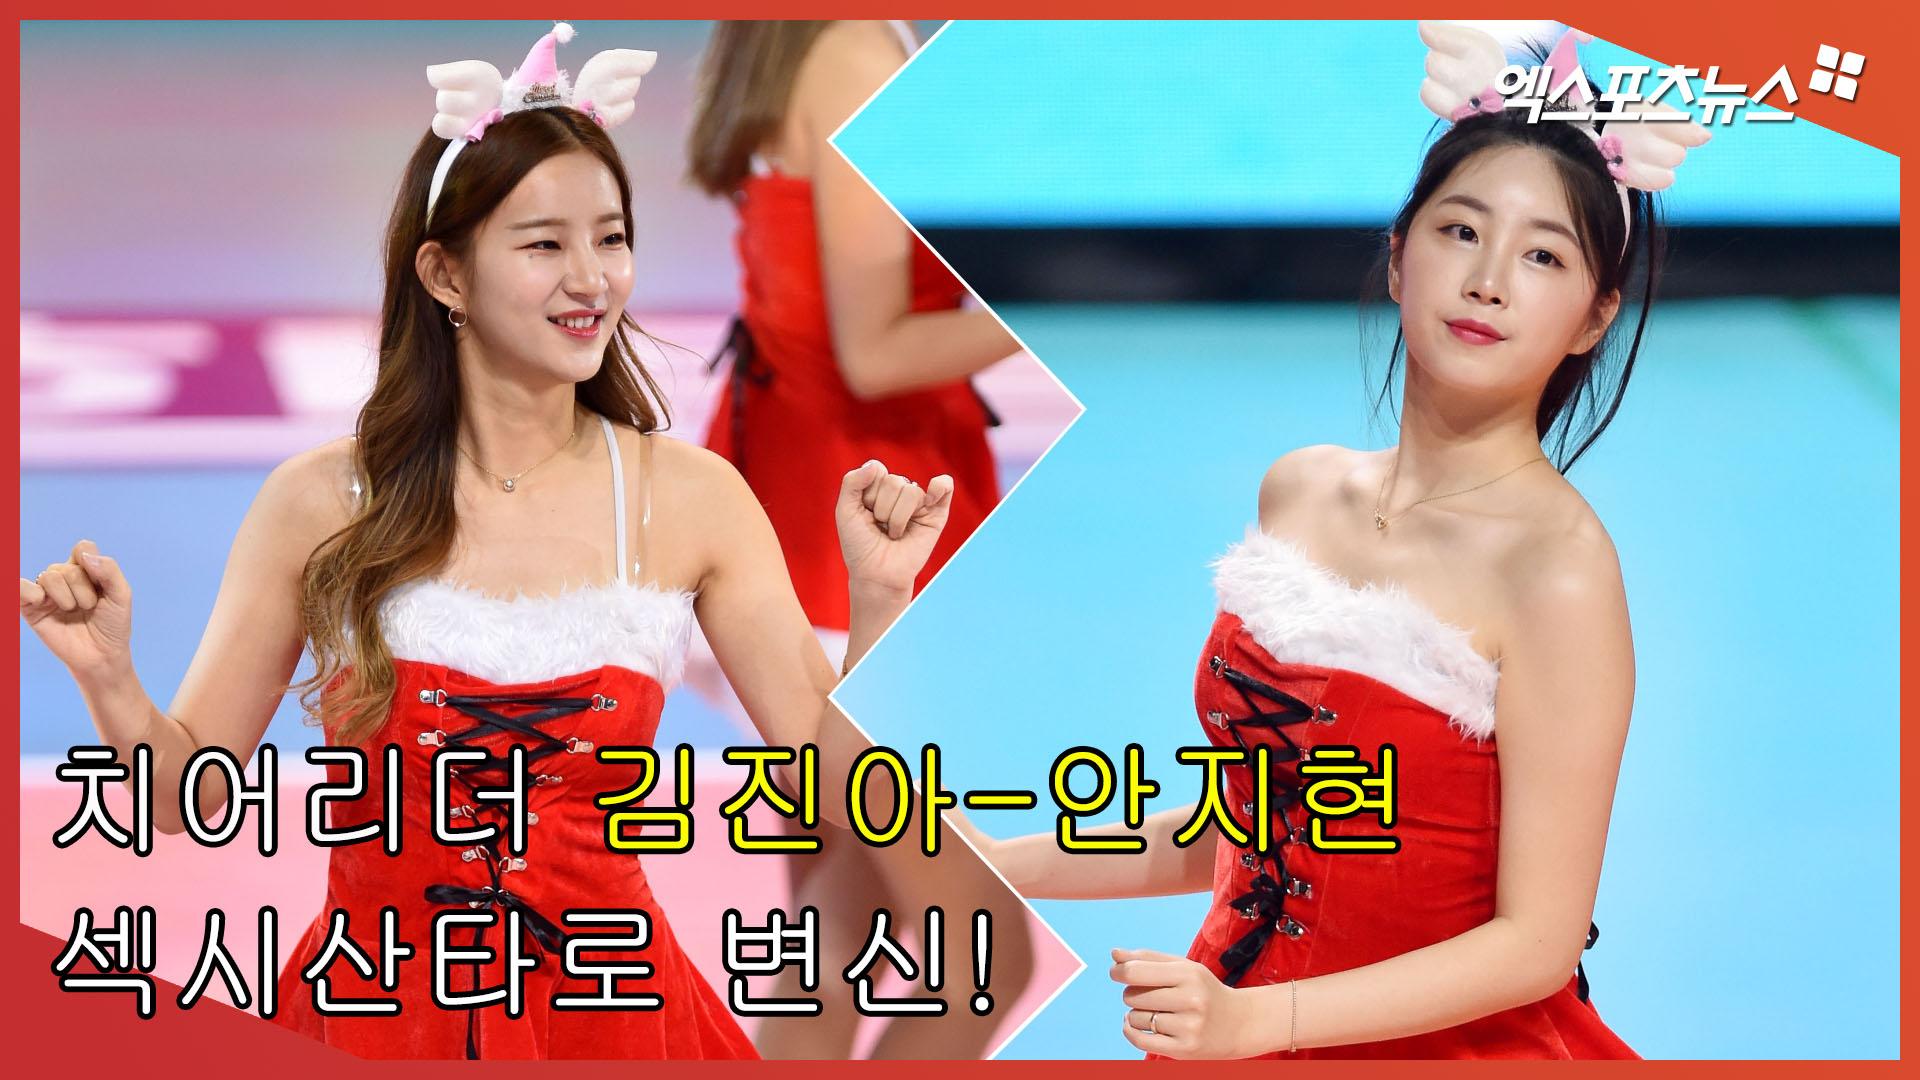 치어리더 김진아-안지현 '섹시산타로 변신!' [엑's 영상]